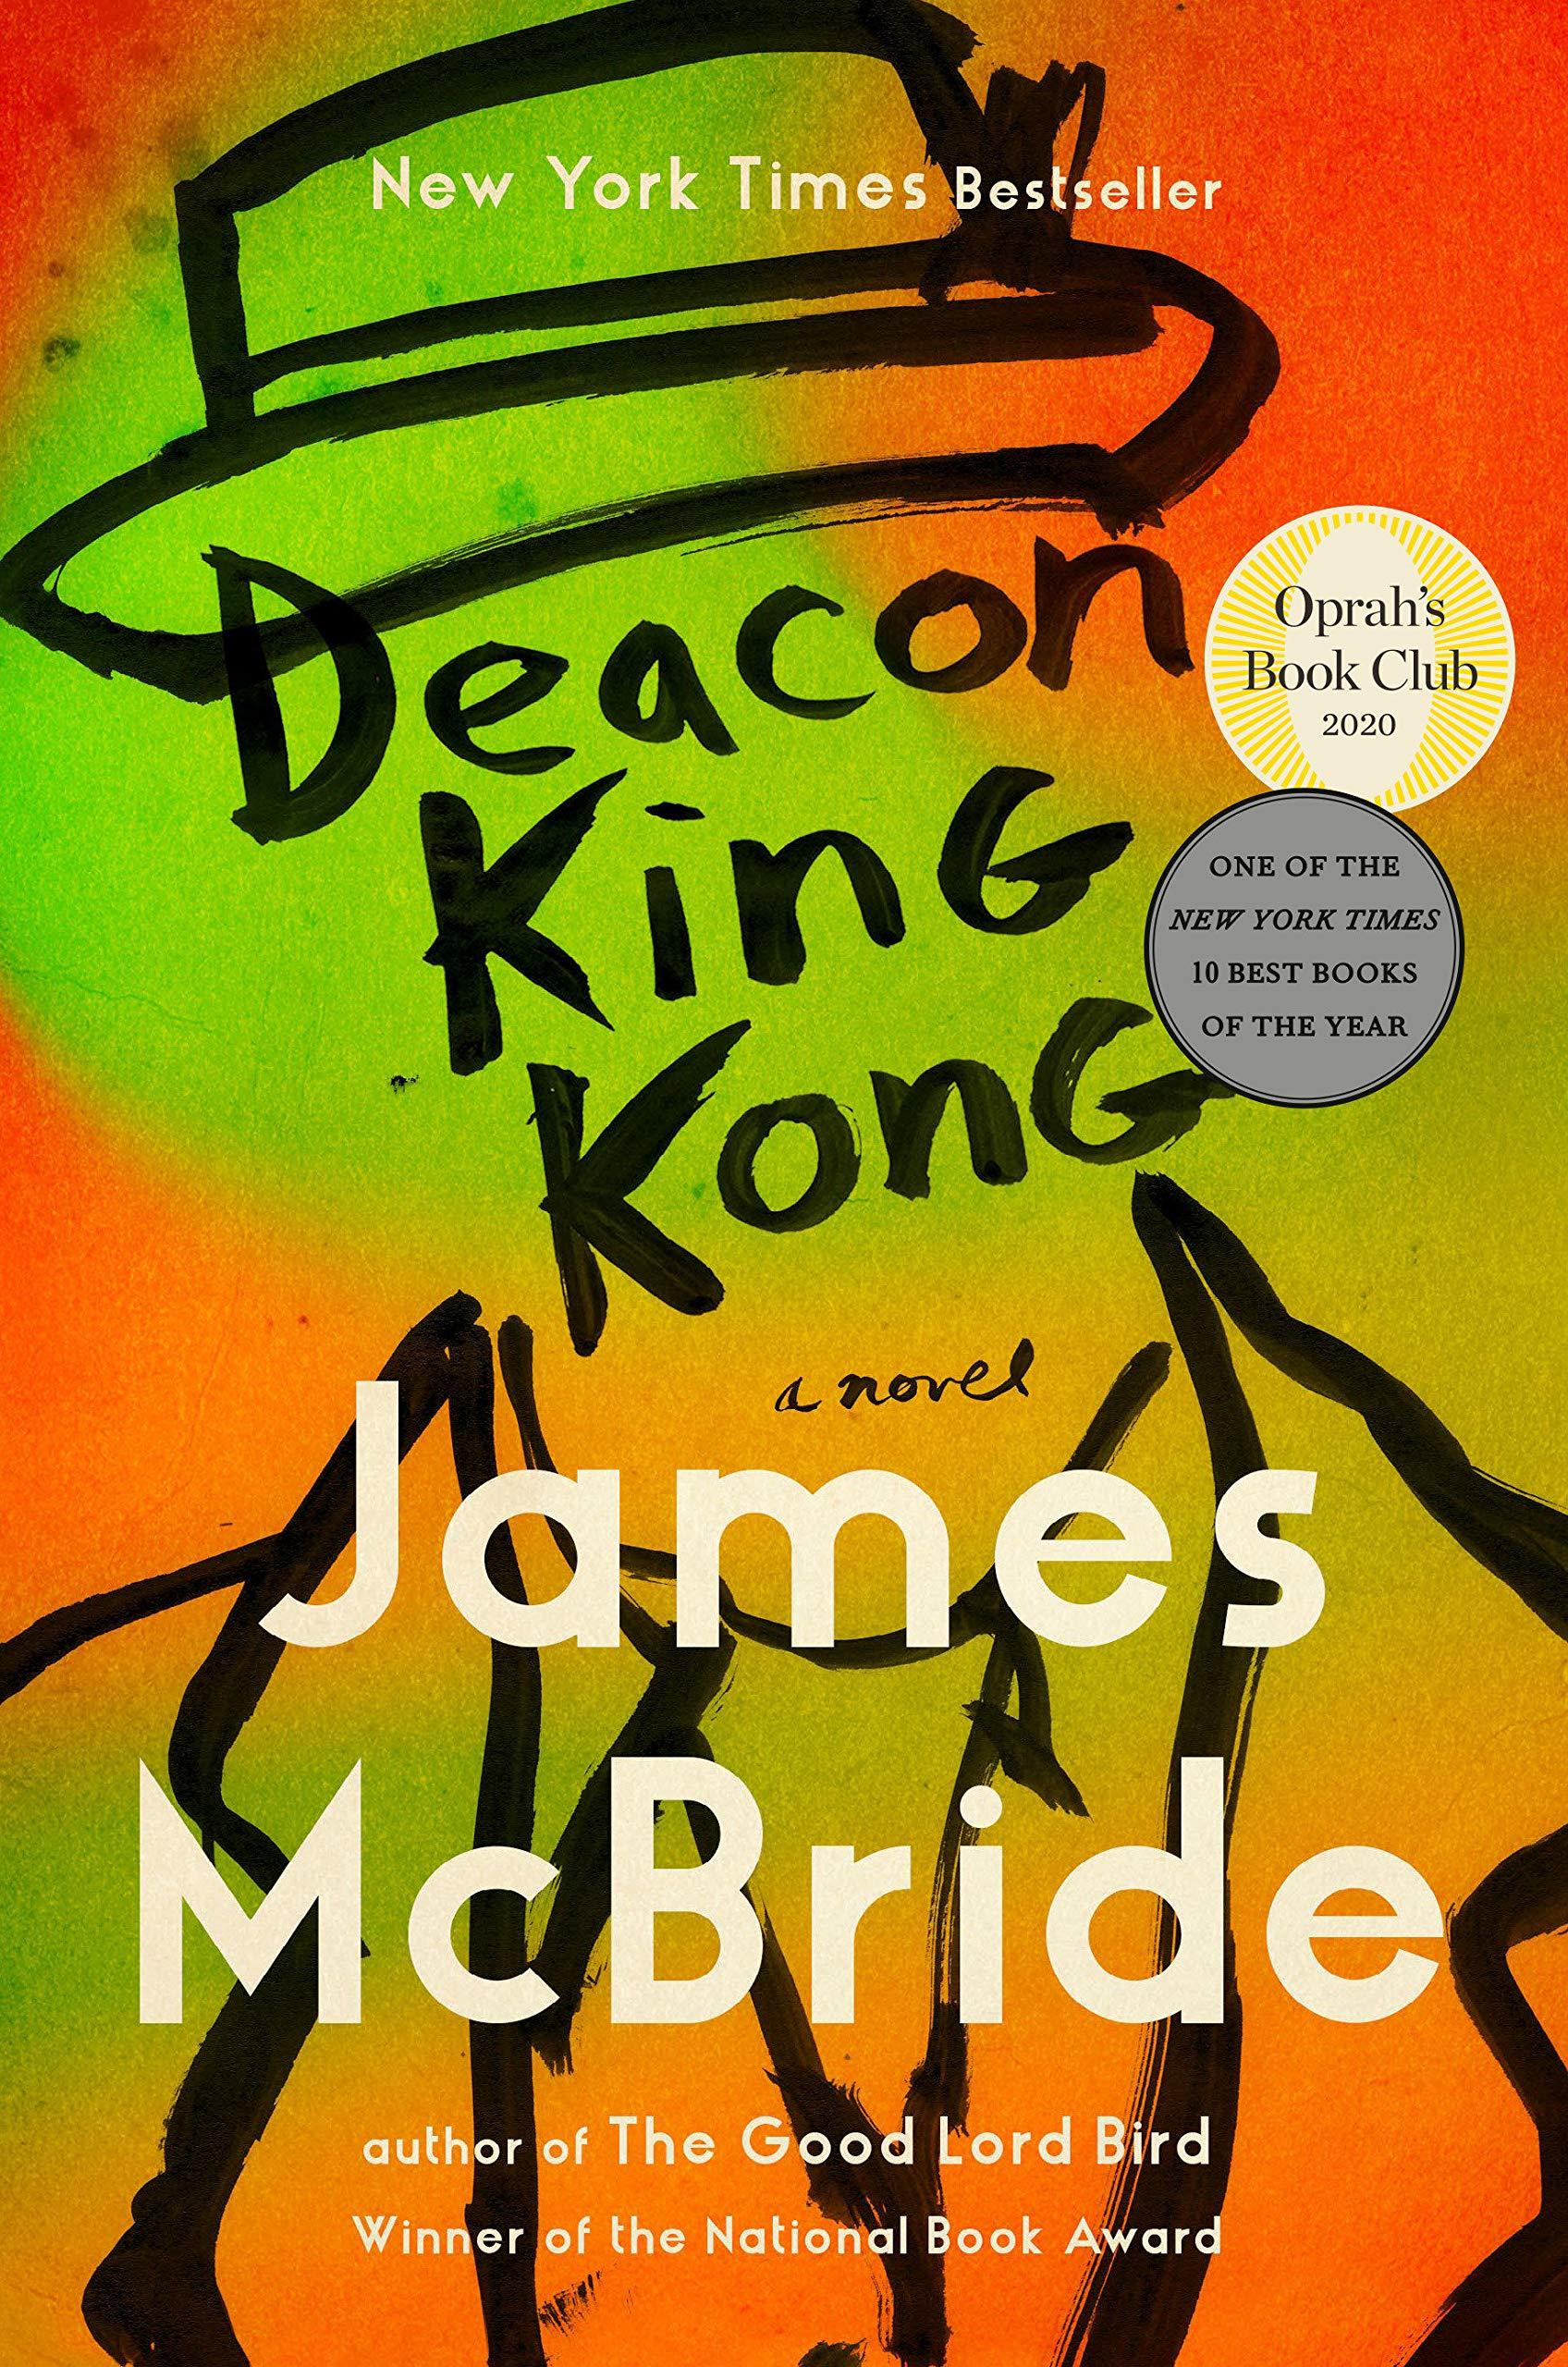 Amazon.com: Deacon King Kong: A Novel: 9780735216723: McBride, James: Books